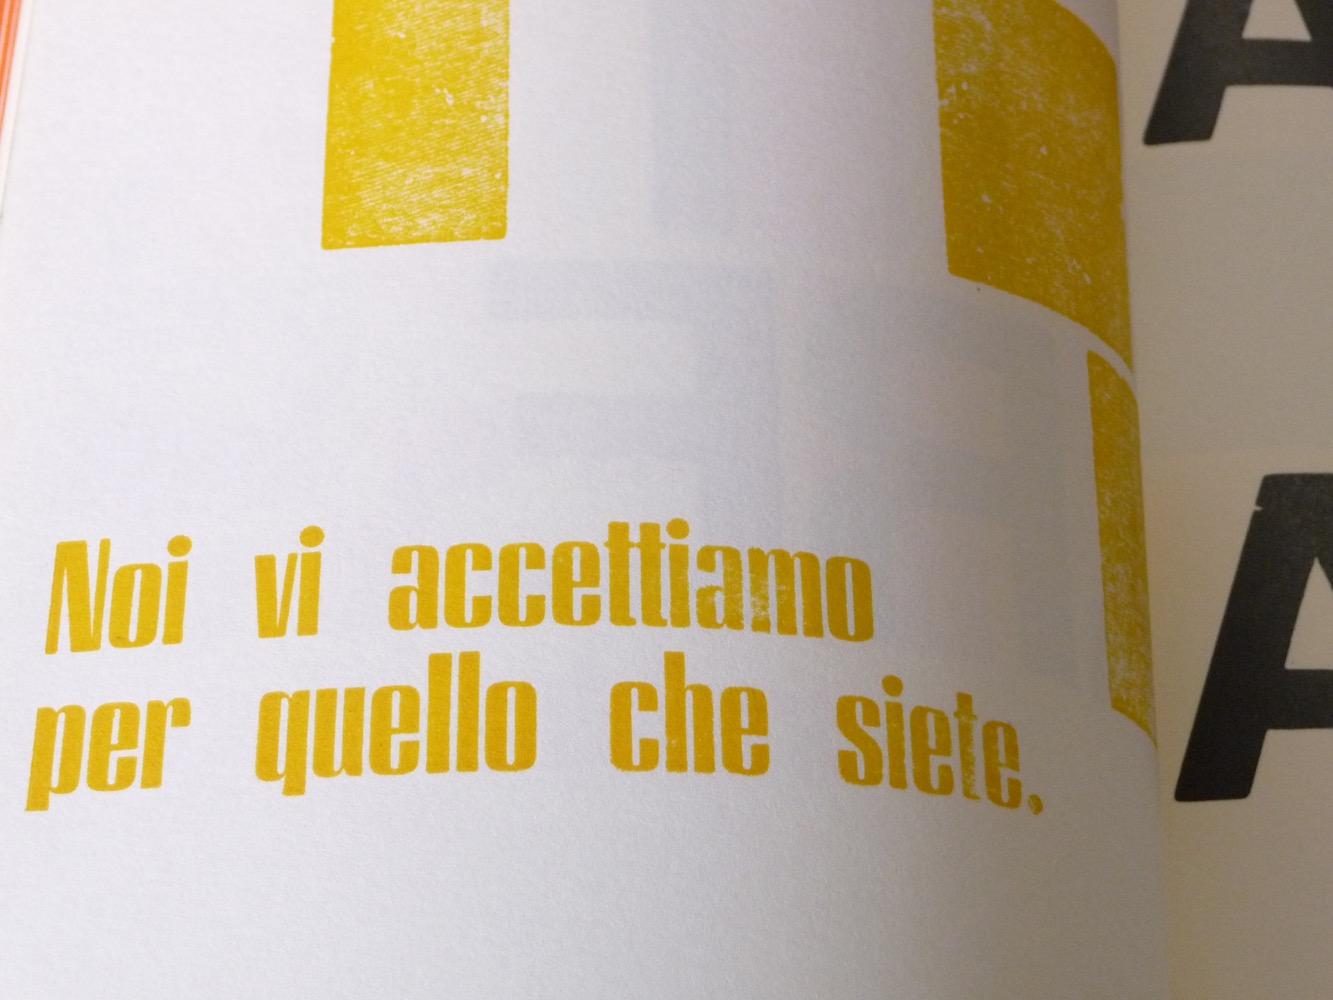 Diverbi Di Verbi 14 pic by Dario Sonatore